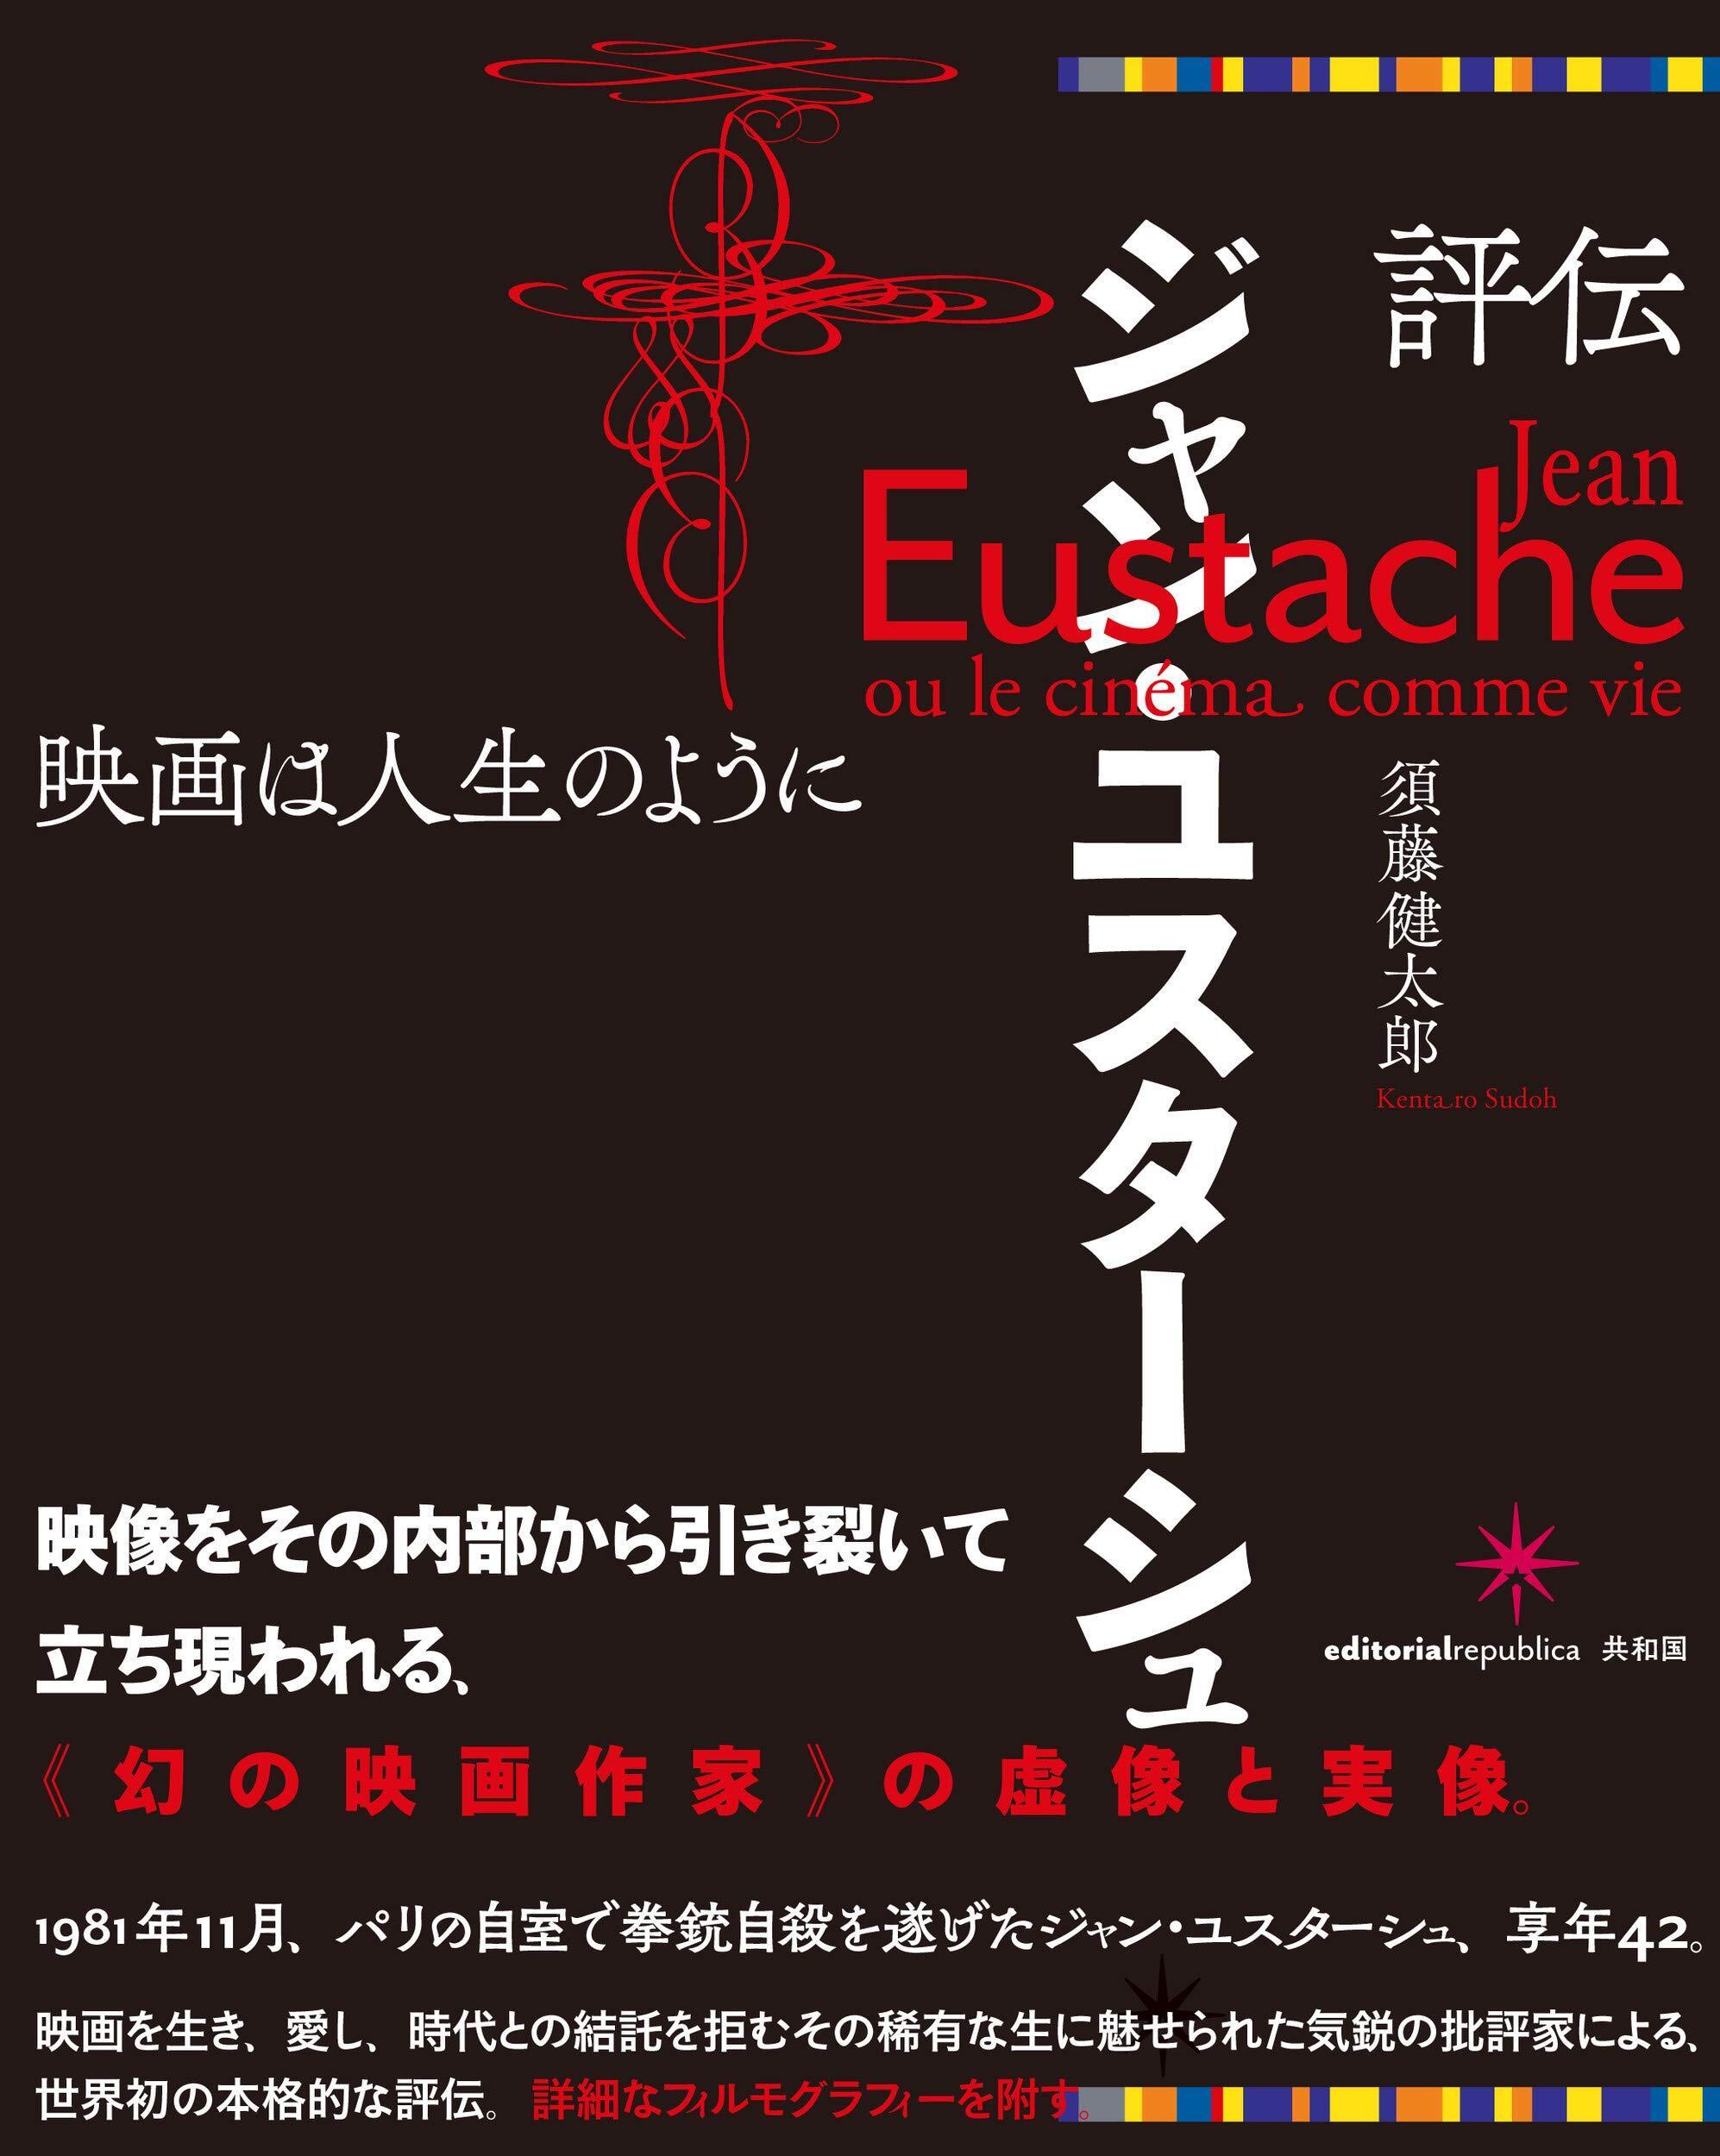 須藤「評伝ジャン・ユスターシュ」.jpg